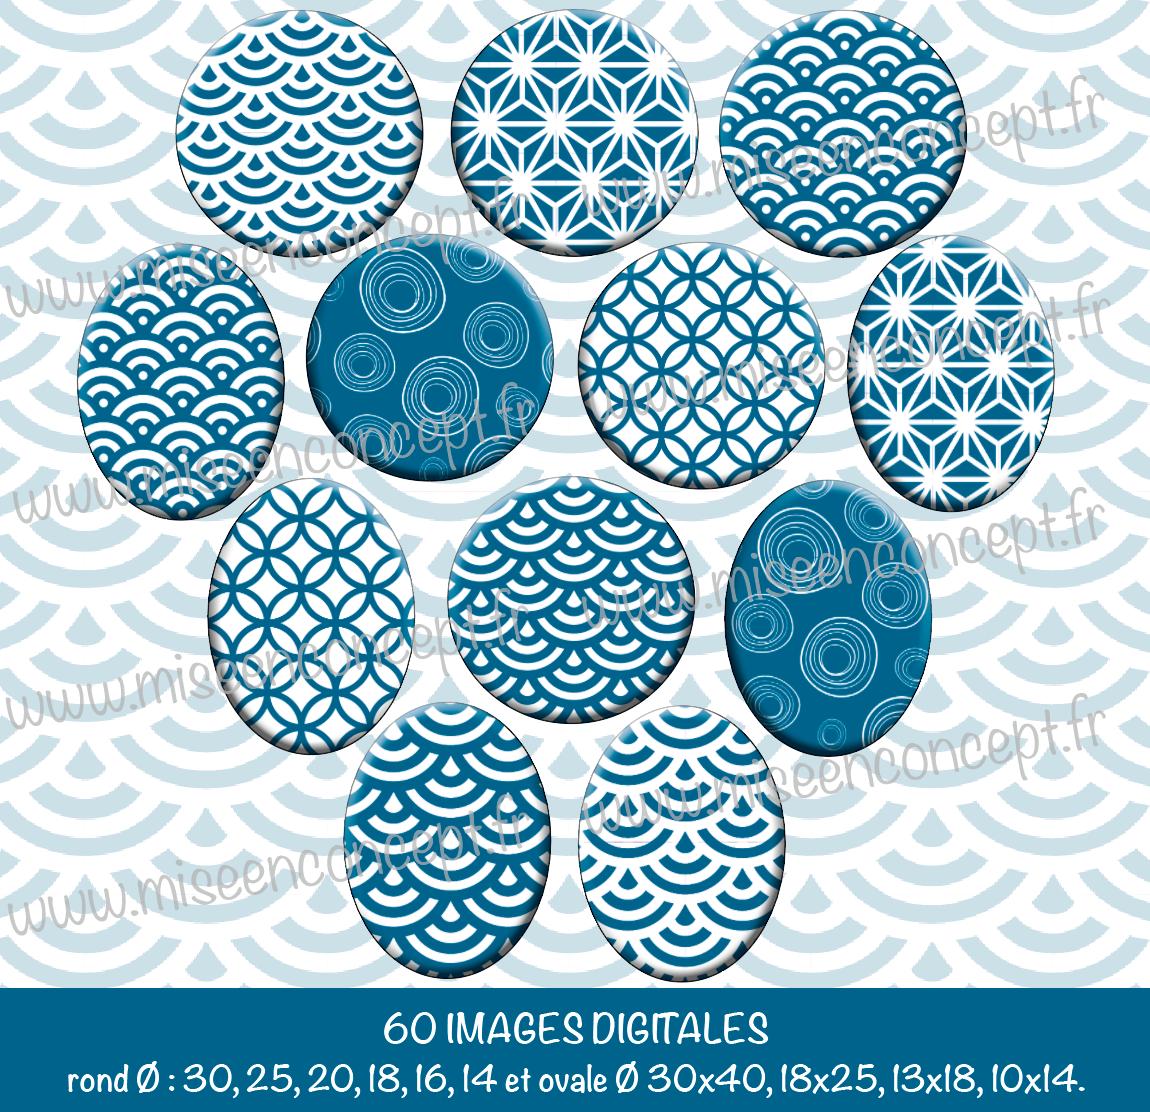 60 Images Digitales Motifs Tons Bleu Canari Rond Ovale Images Cabochons Japon Scandinave Geometrie A Imprimer Pour Cre Image Digital Motif Images